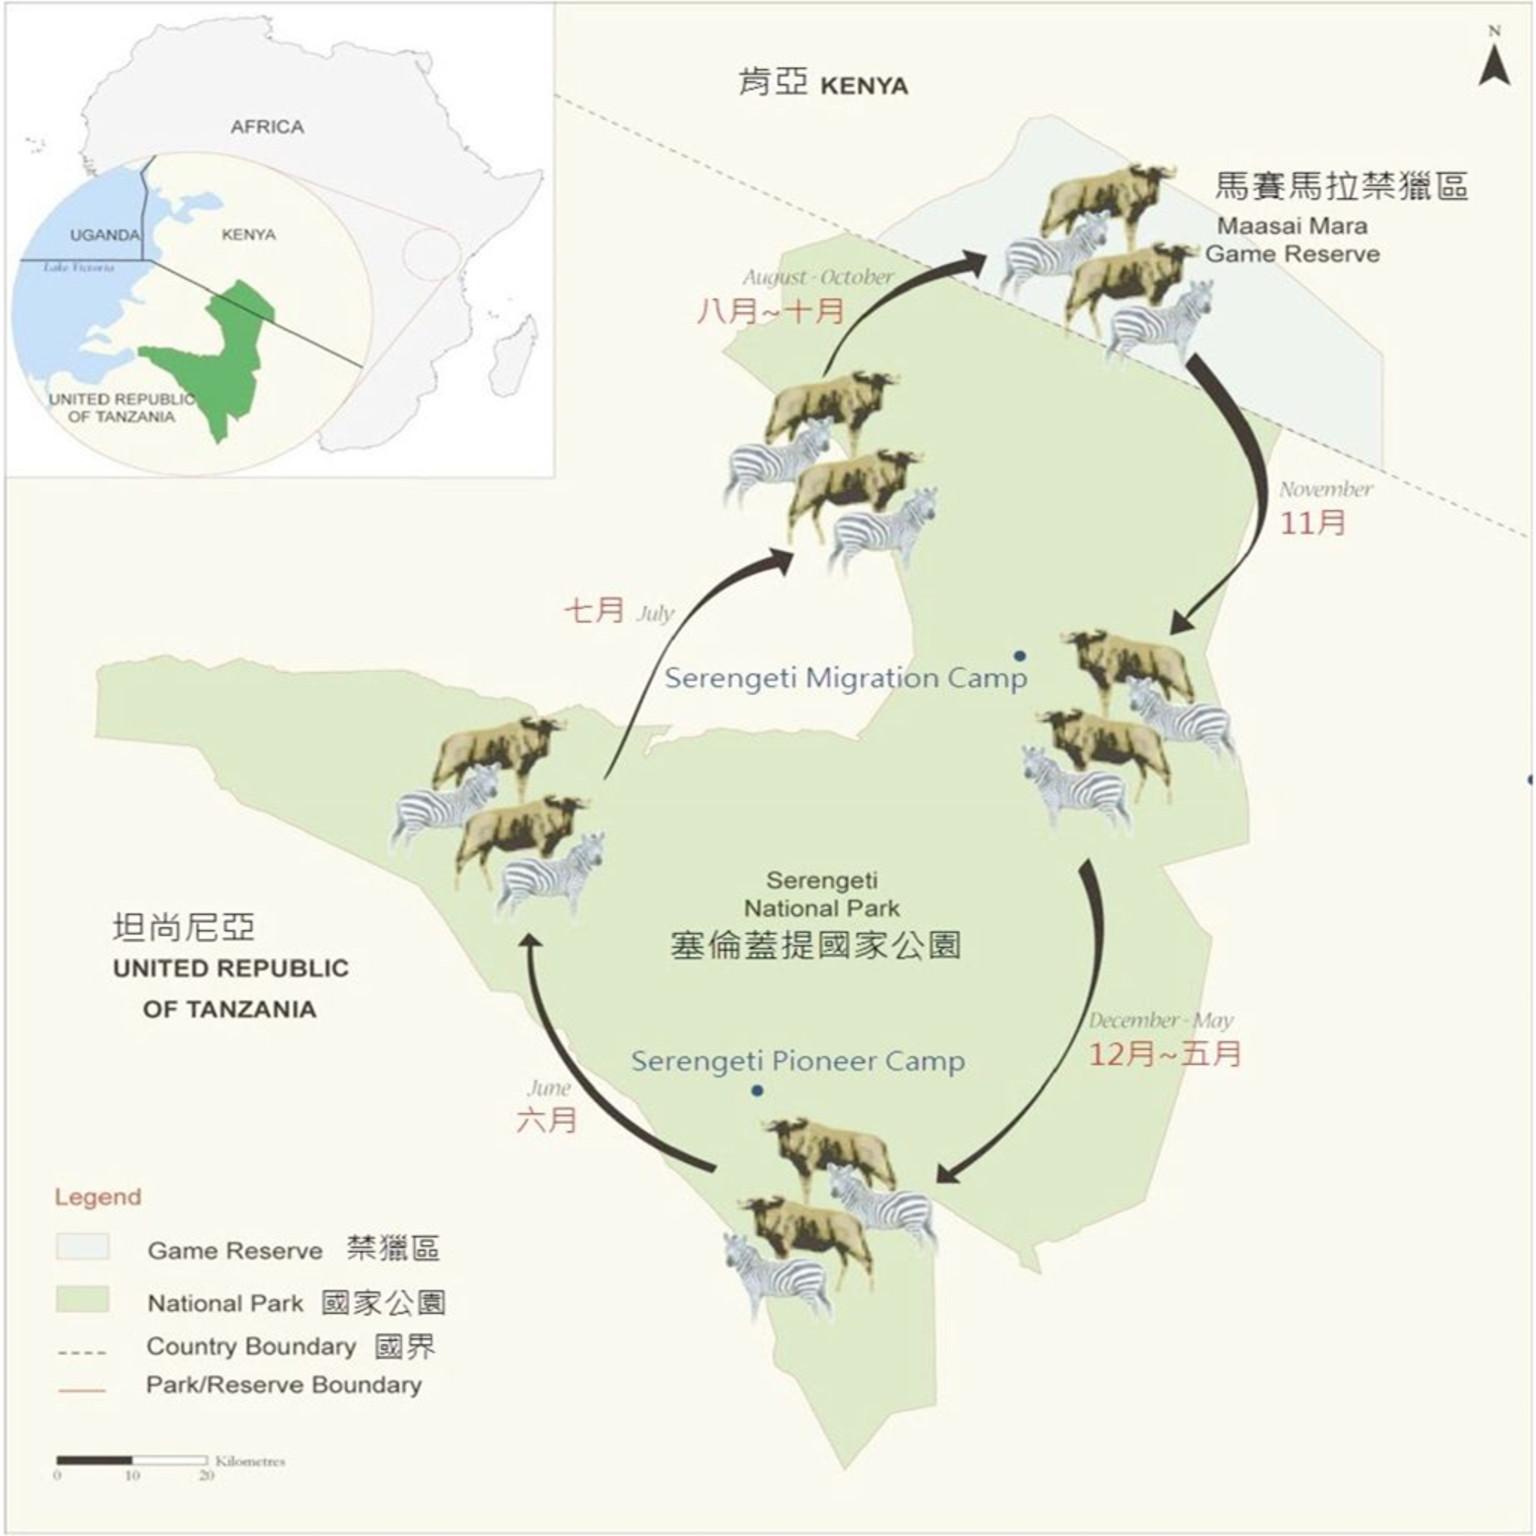 每年的6月是非洲动物们的哺乳期,这个时候,大量的小角马会诞生在迁徙